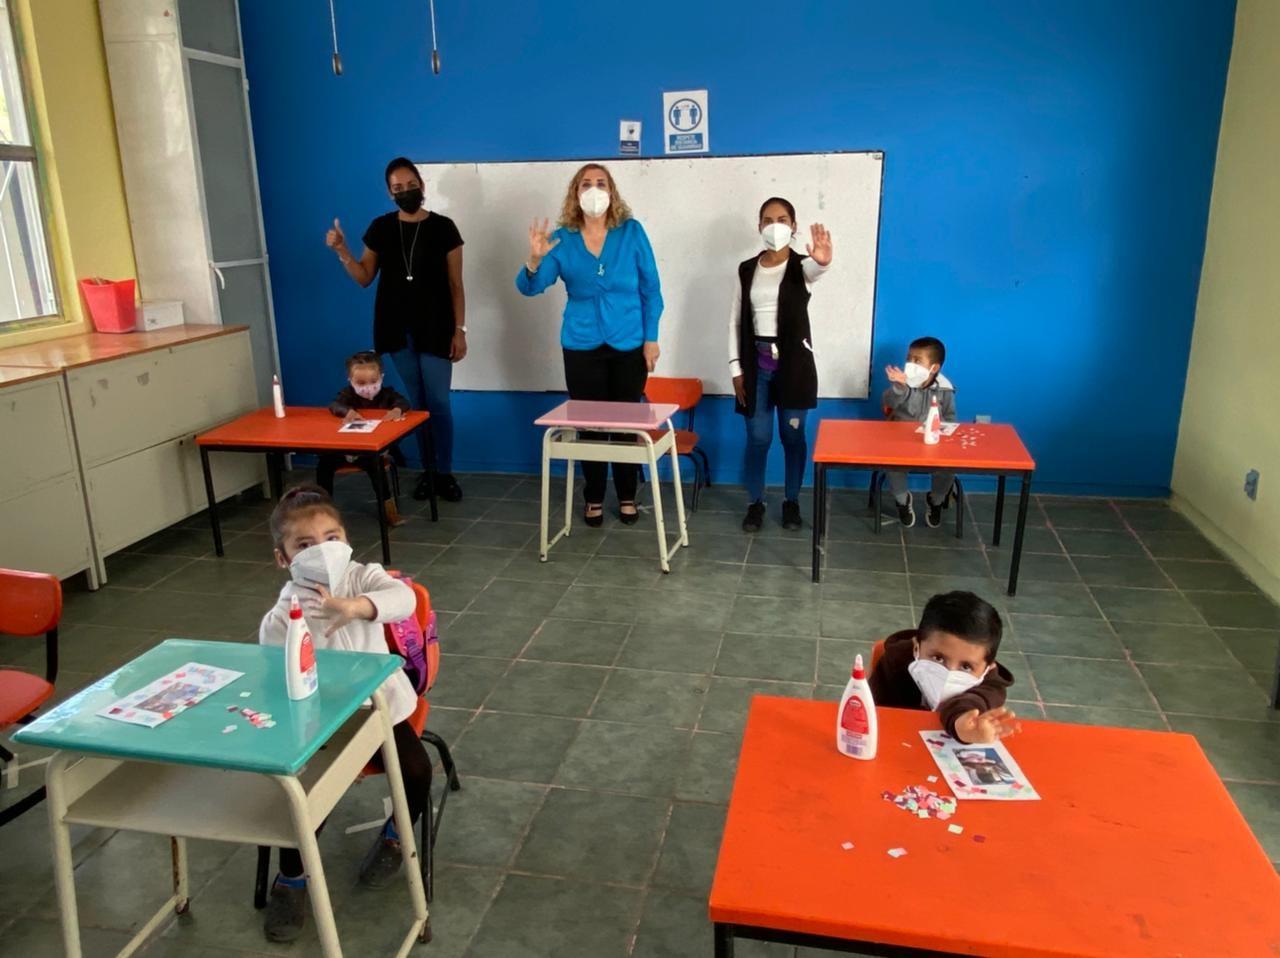 Con más de 6 mil alumnos, inicia Guanajuato programa piloto de clases presenciales